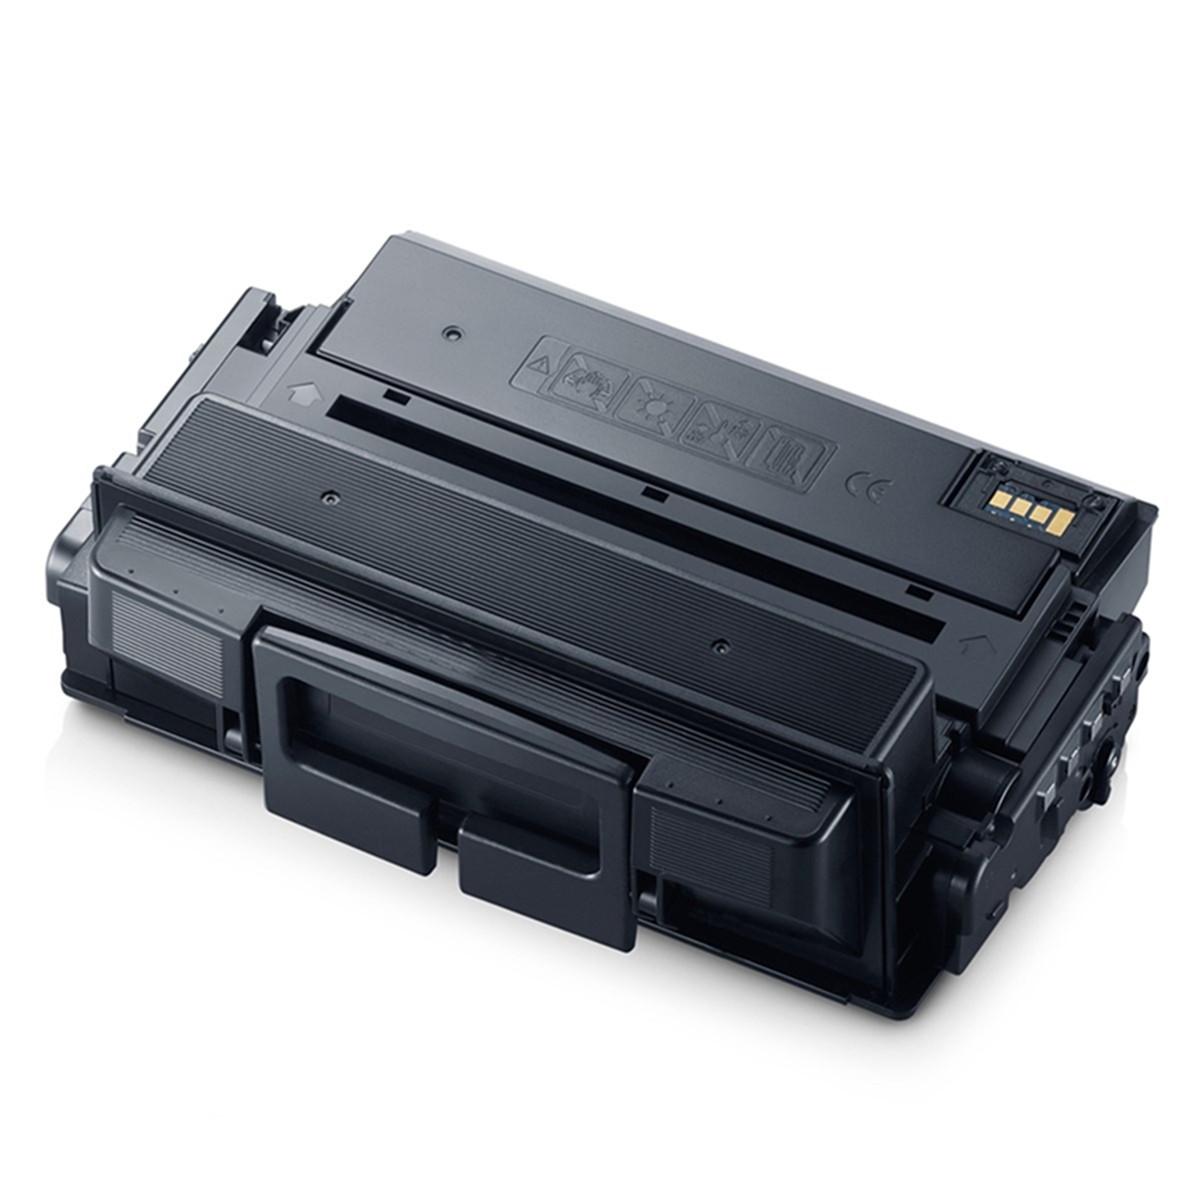 Toner Compatível Samsung MLT-D203E D203 | M3820 M4020 M3870 M4070 | Premium Quality 10k